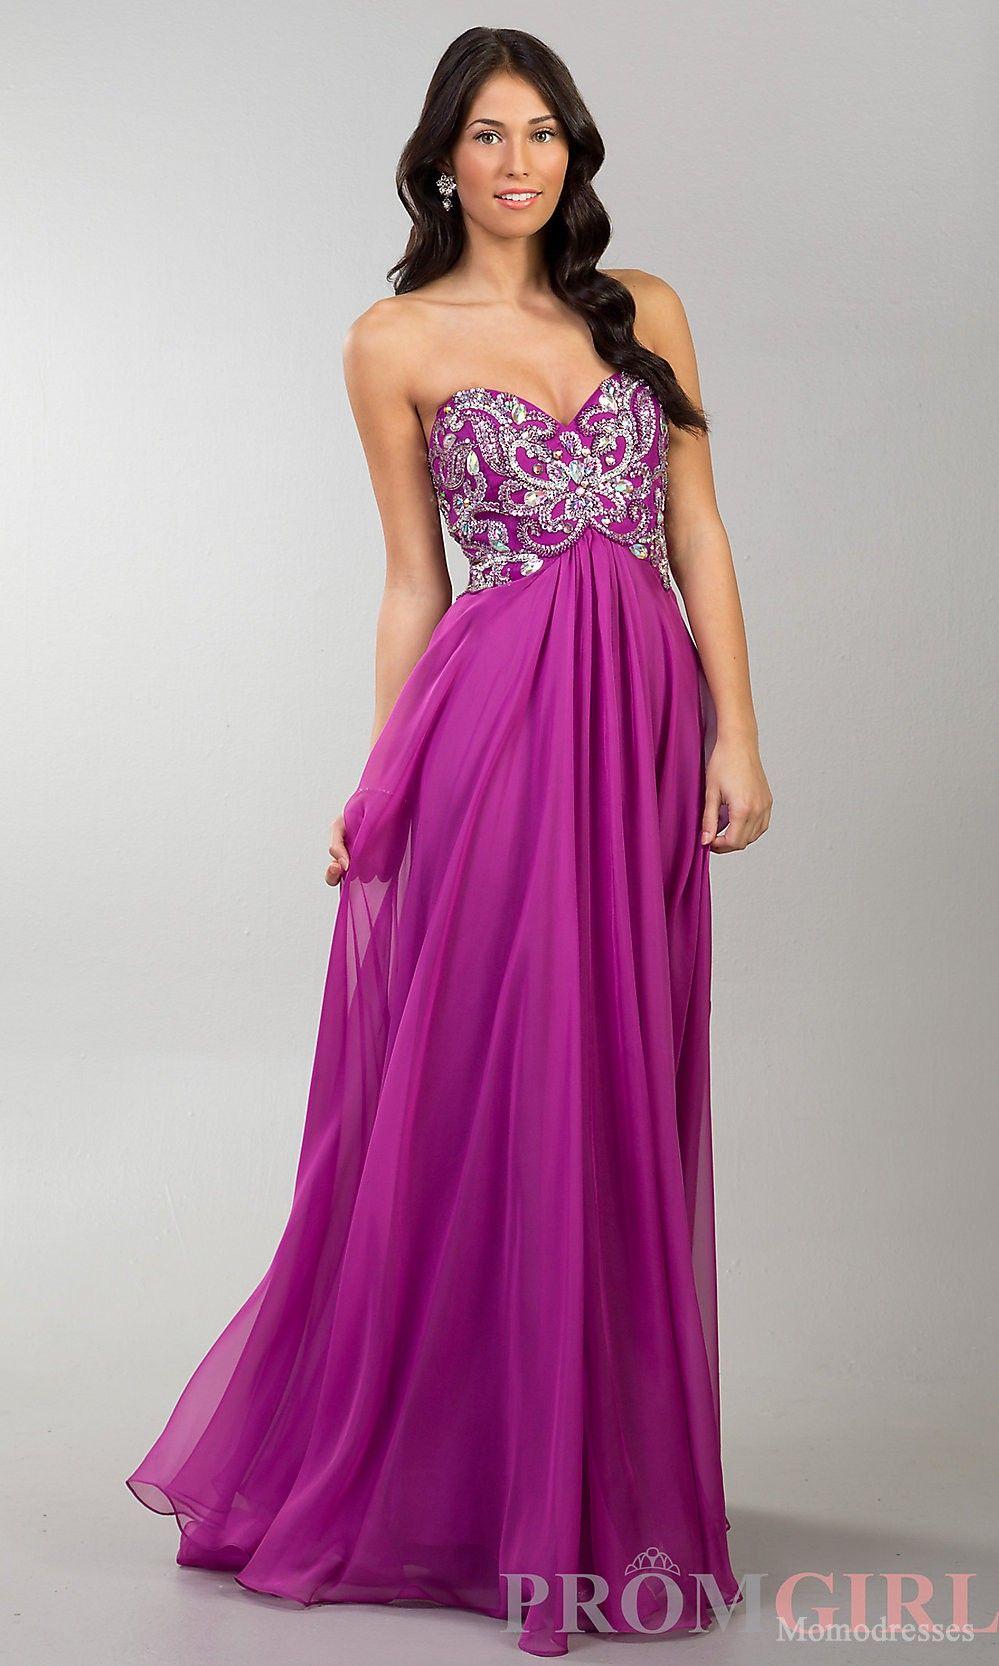 prom dress homecoming dresses dresses prom dresses www.momodresses ...